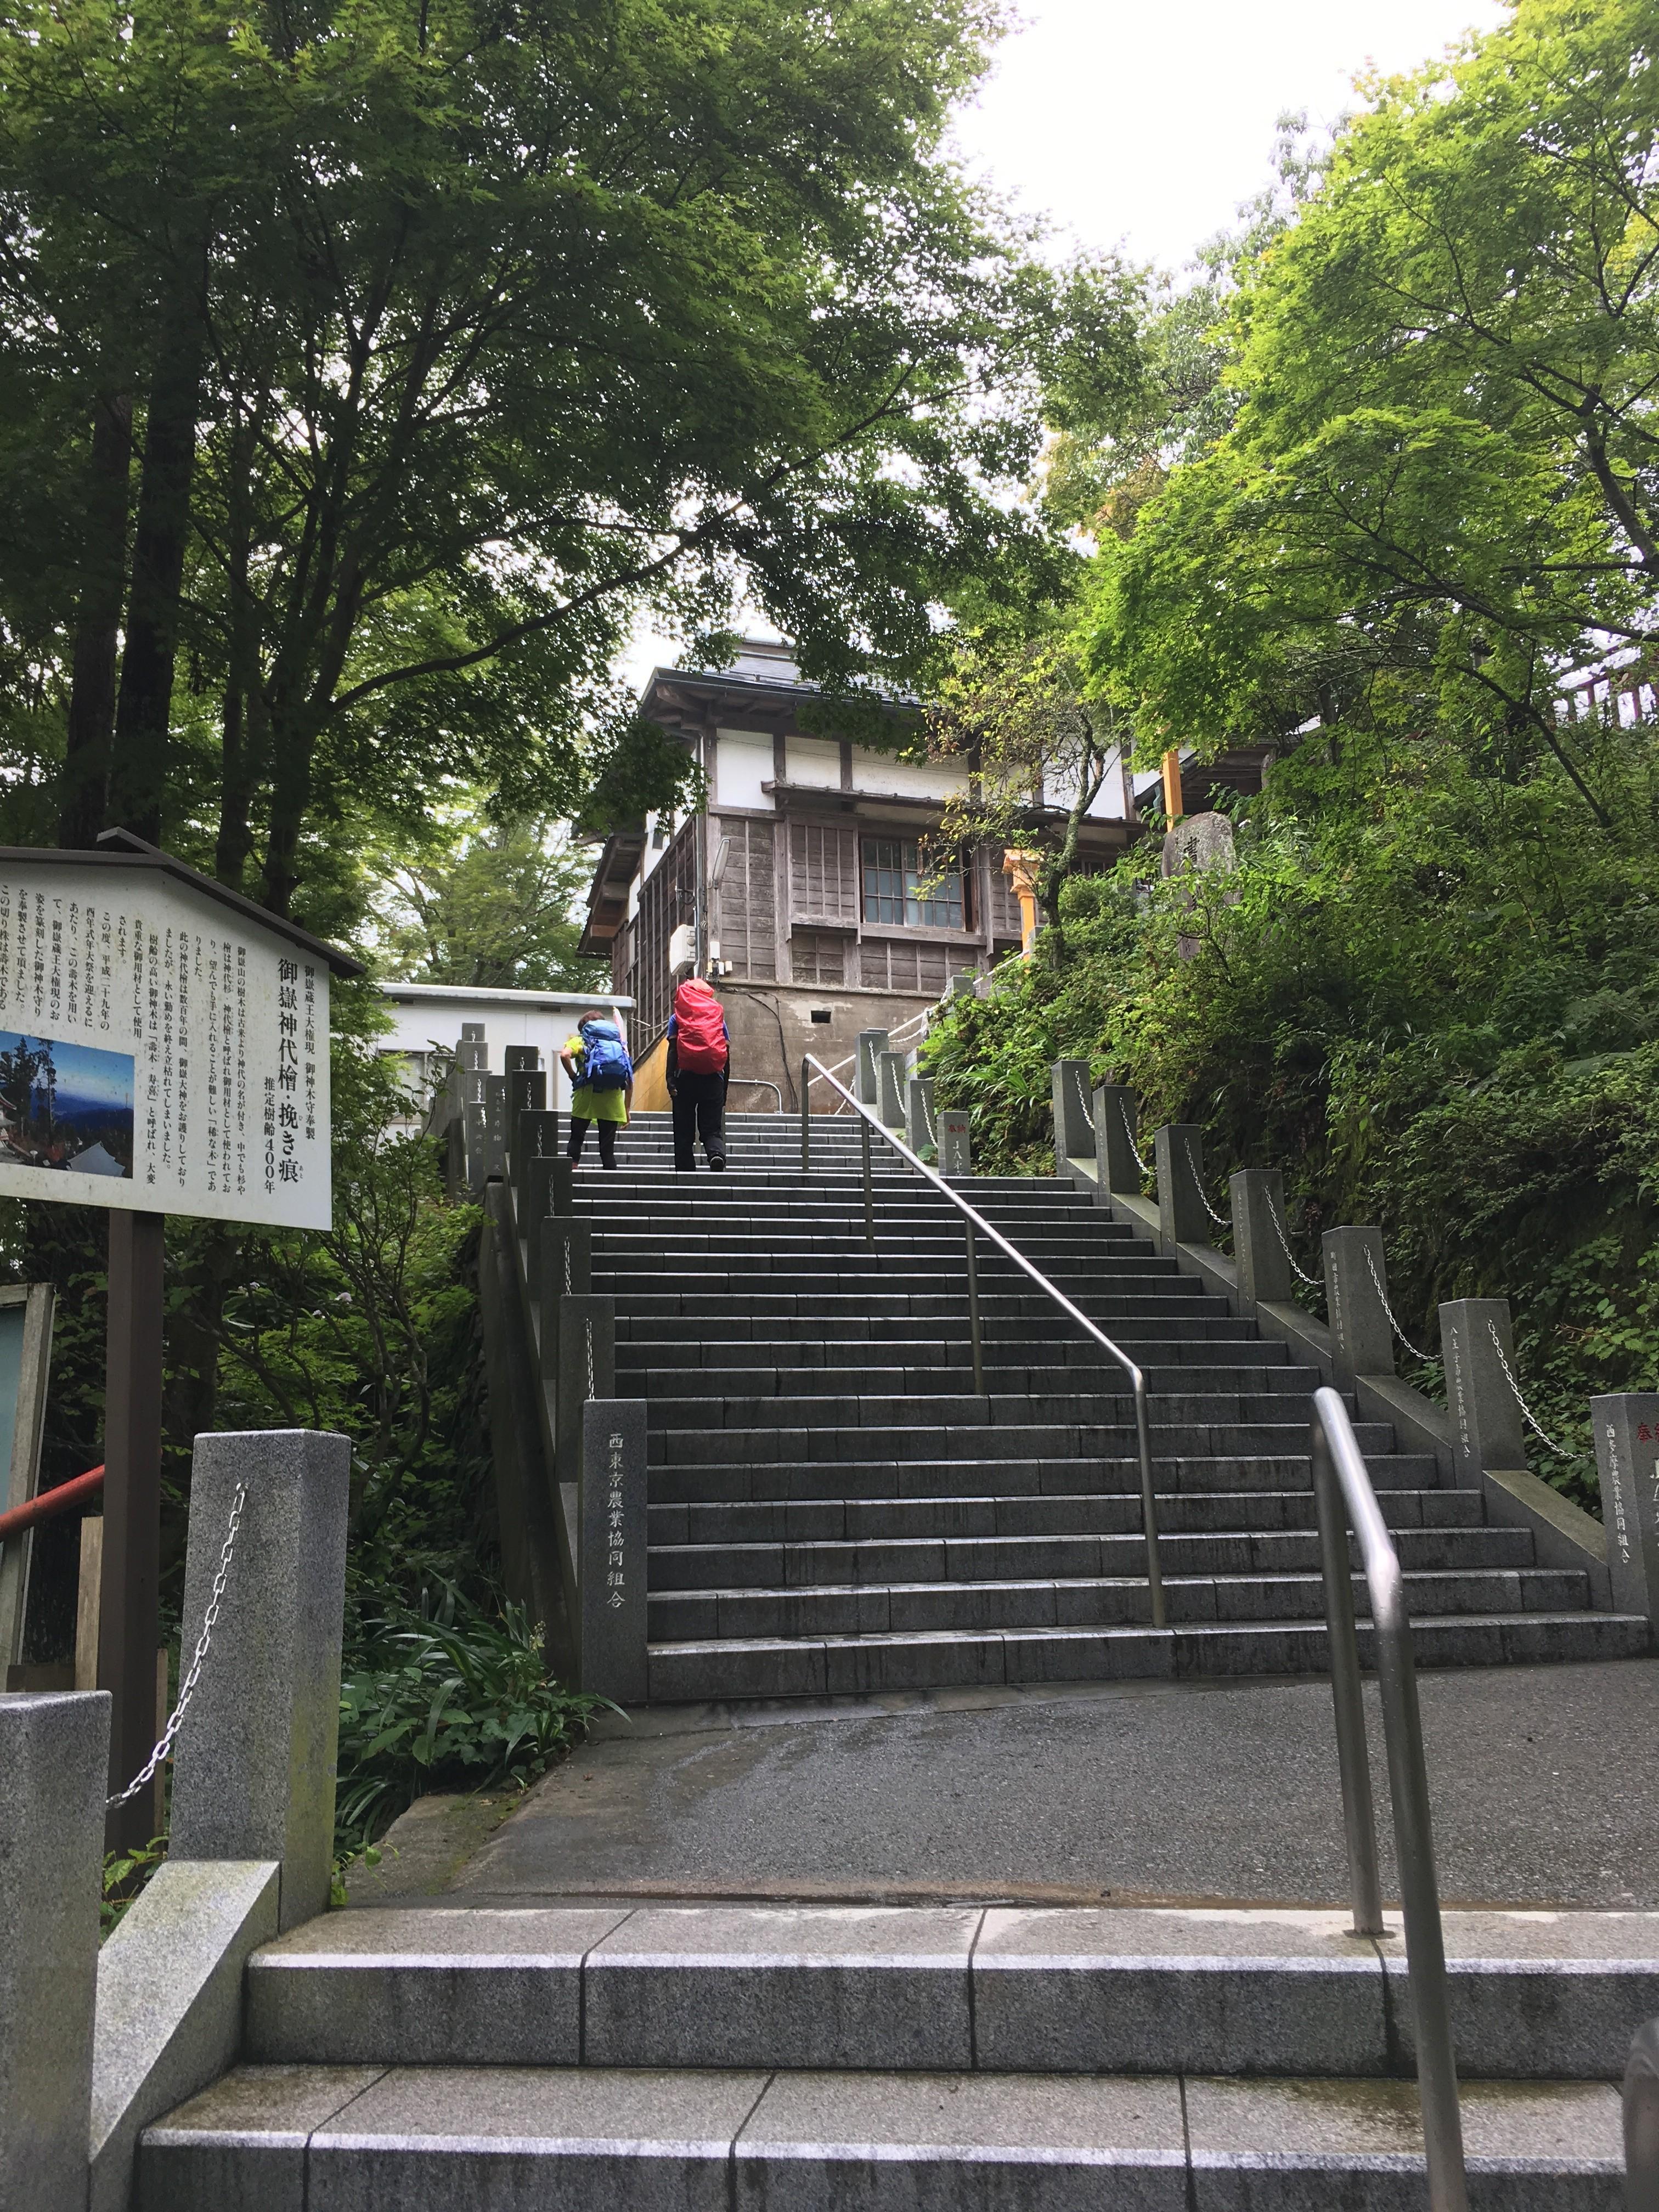 武蔵御嶽神社へと続く階段(約330段)